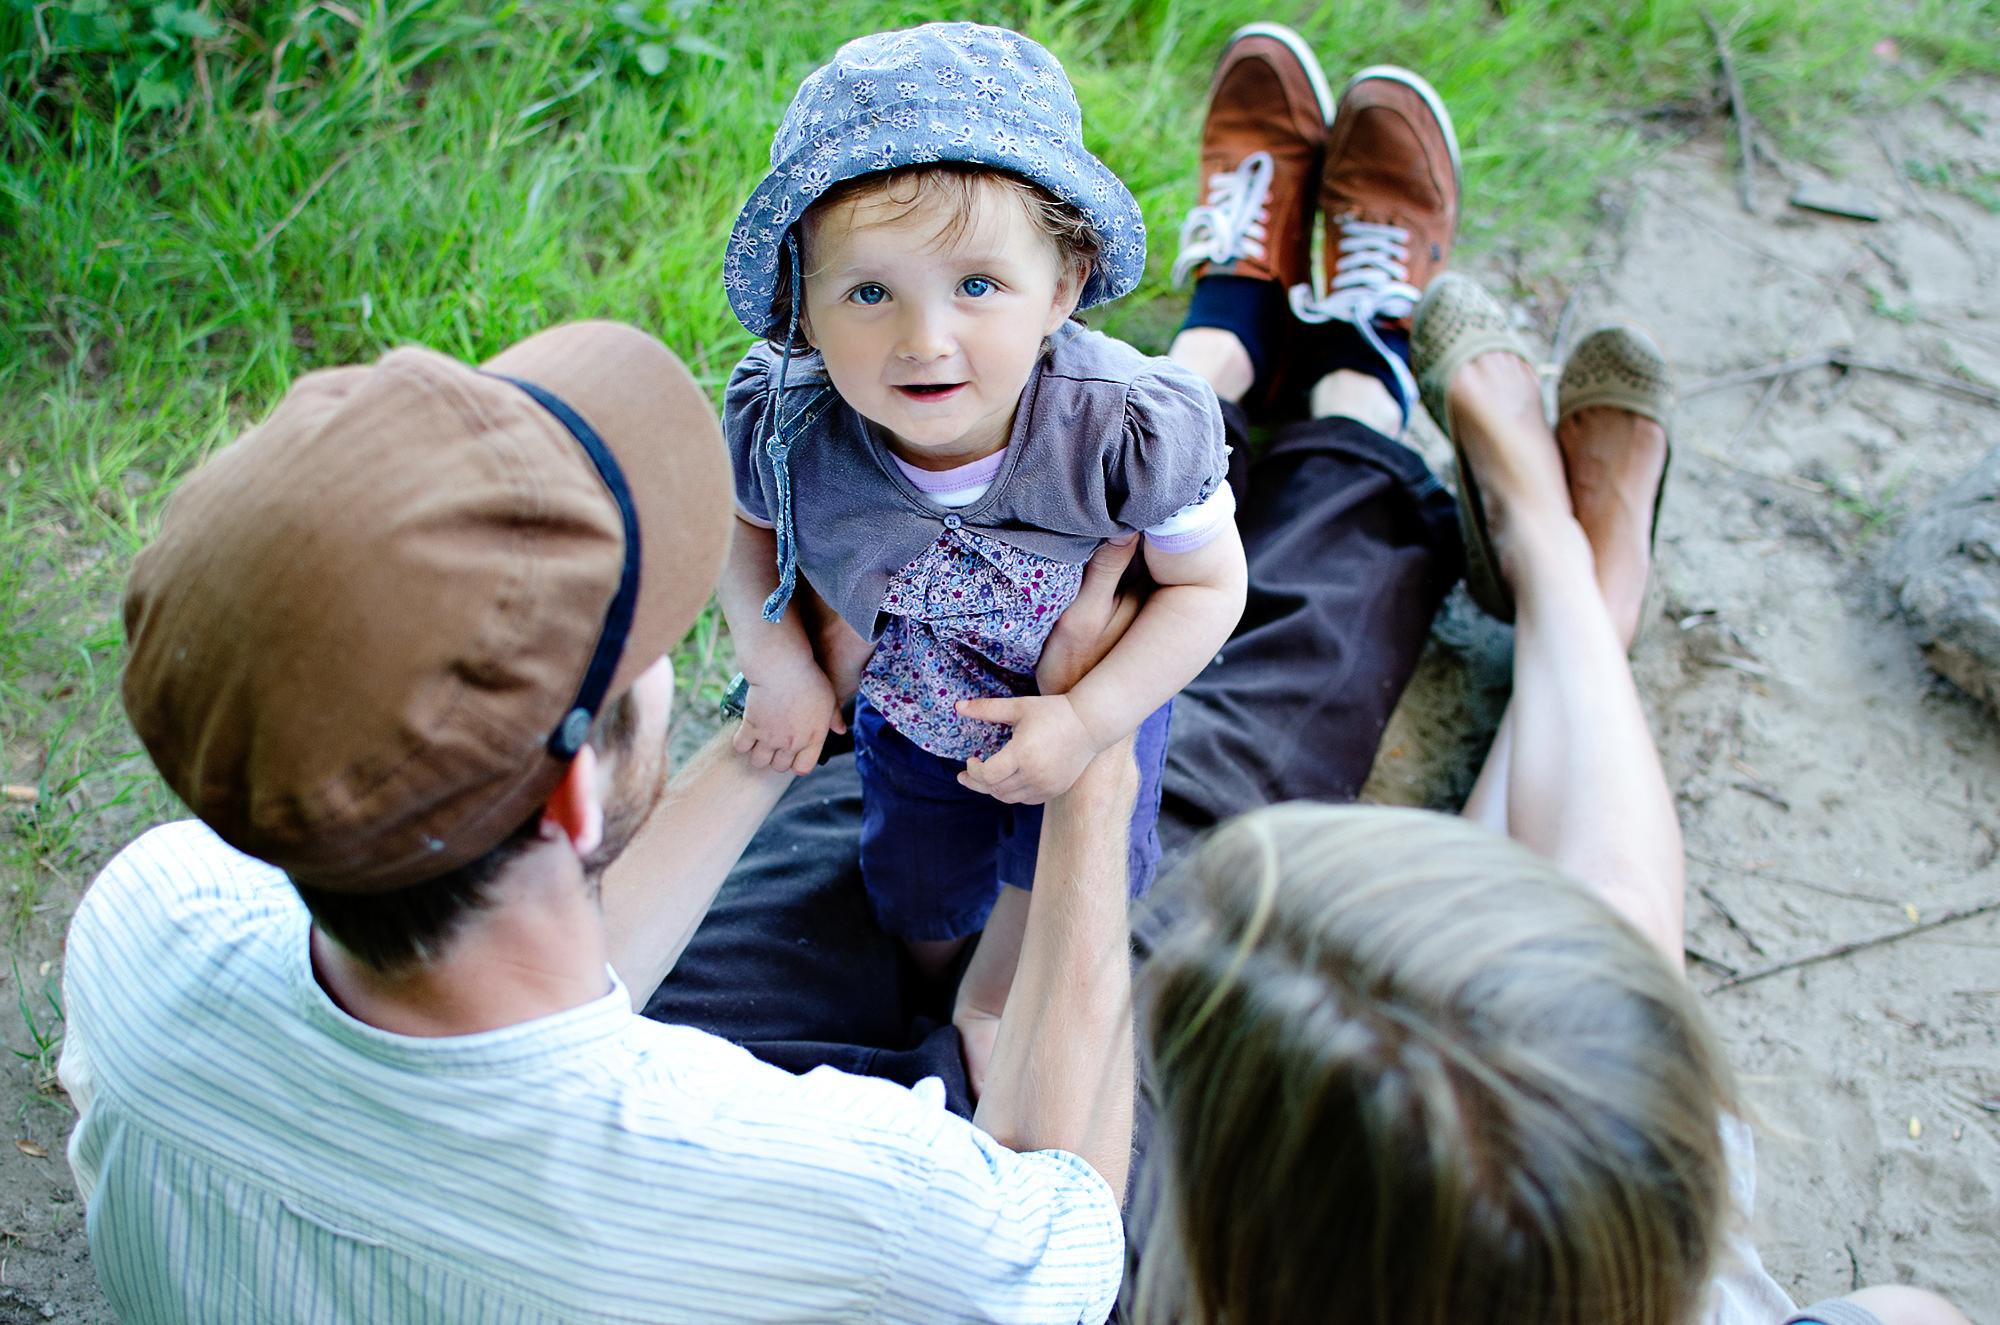 Bei diesem Fotos stand ich auf einer     Steinbank    , an die Marie's Eltern mit dem Rücken angelehnt waren. Aus dieser höheren Position konnte ich dieses schöne Fotos mit dem Blick von oben machen.